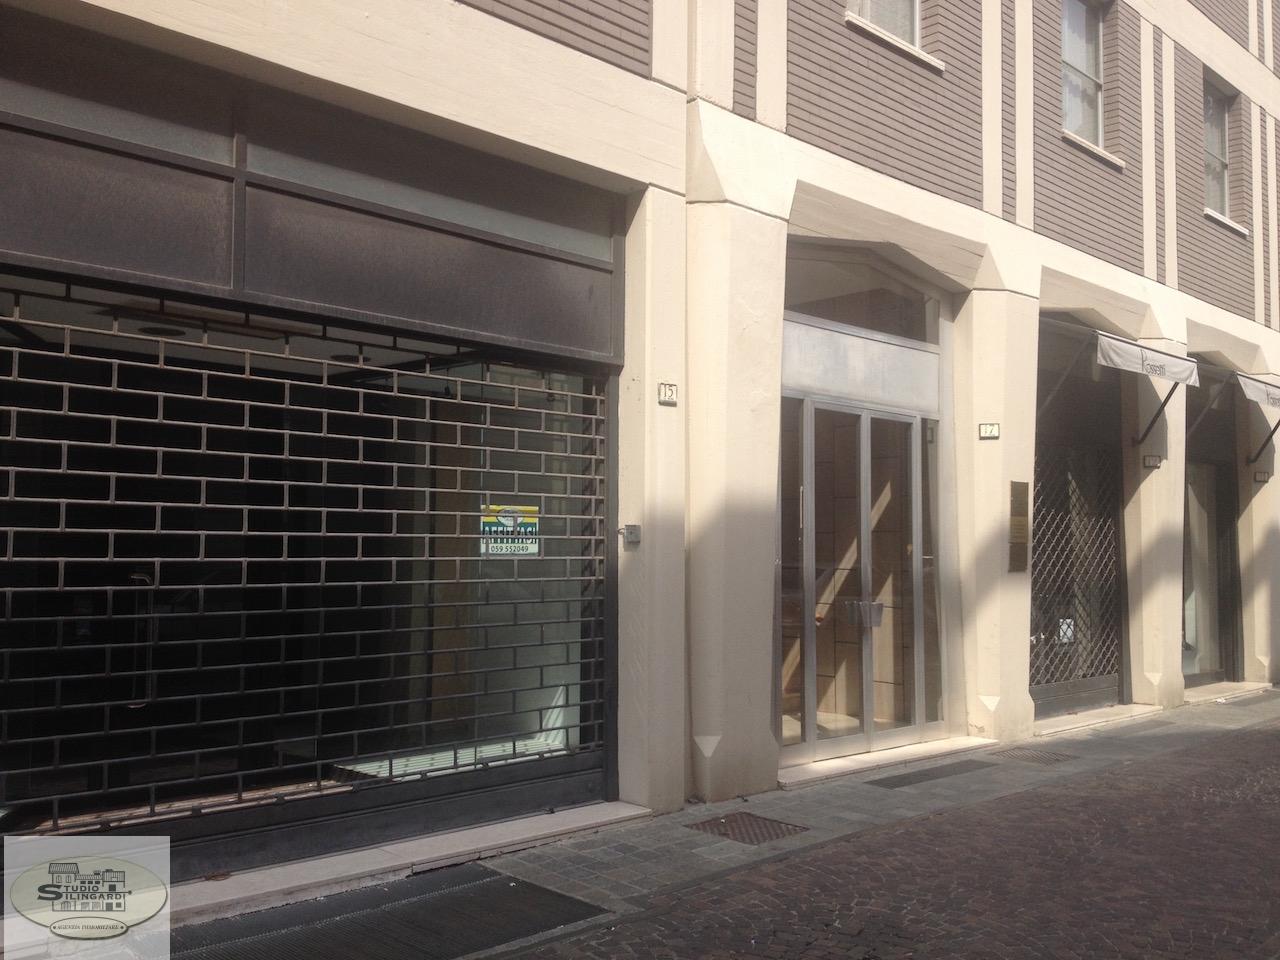 Negozio / Locale in affitto a Sassuolo, 9999 locali, zona Zona: Centro, prezzo € 850 | Cambio Casa.it